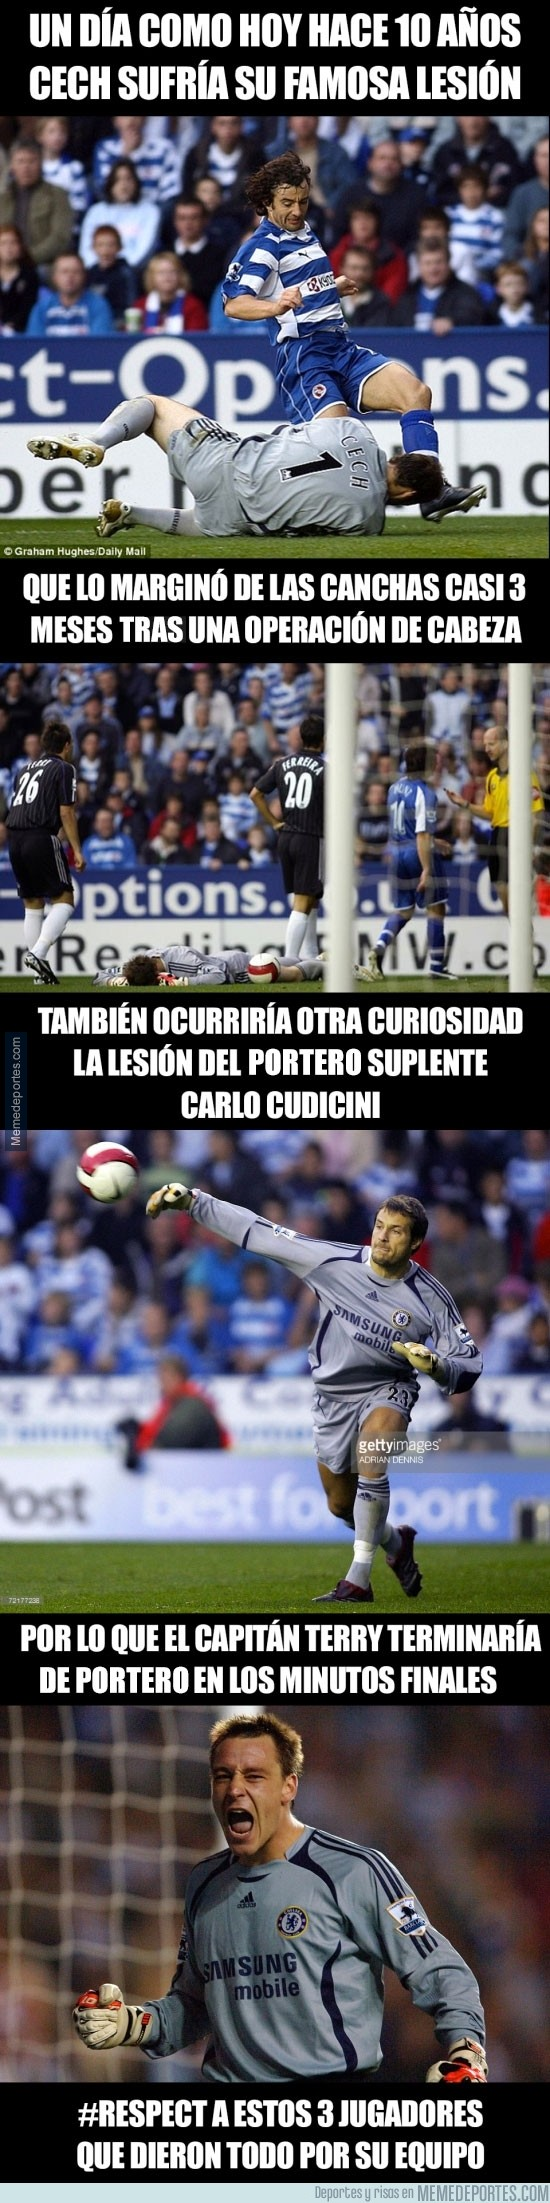 916194 - La historia de la lesión de Cech que lo llevó a llevar siempre casco